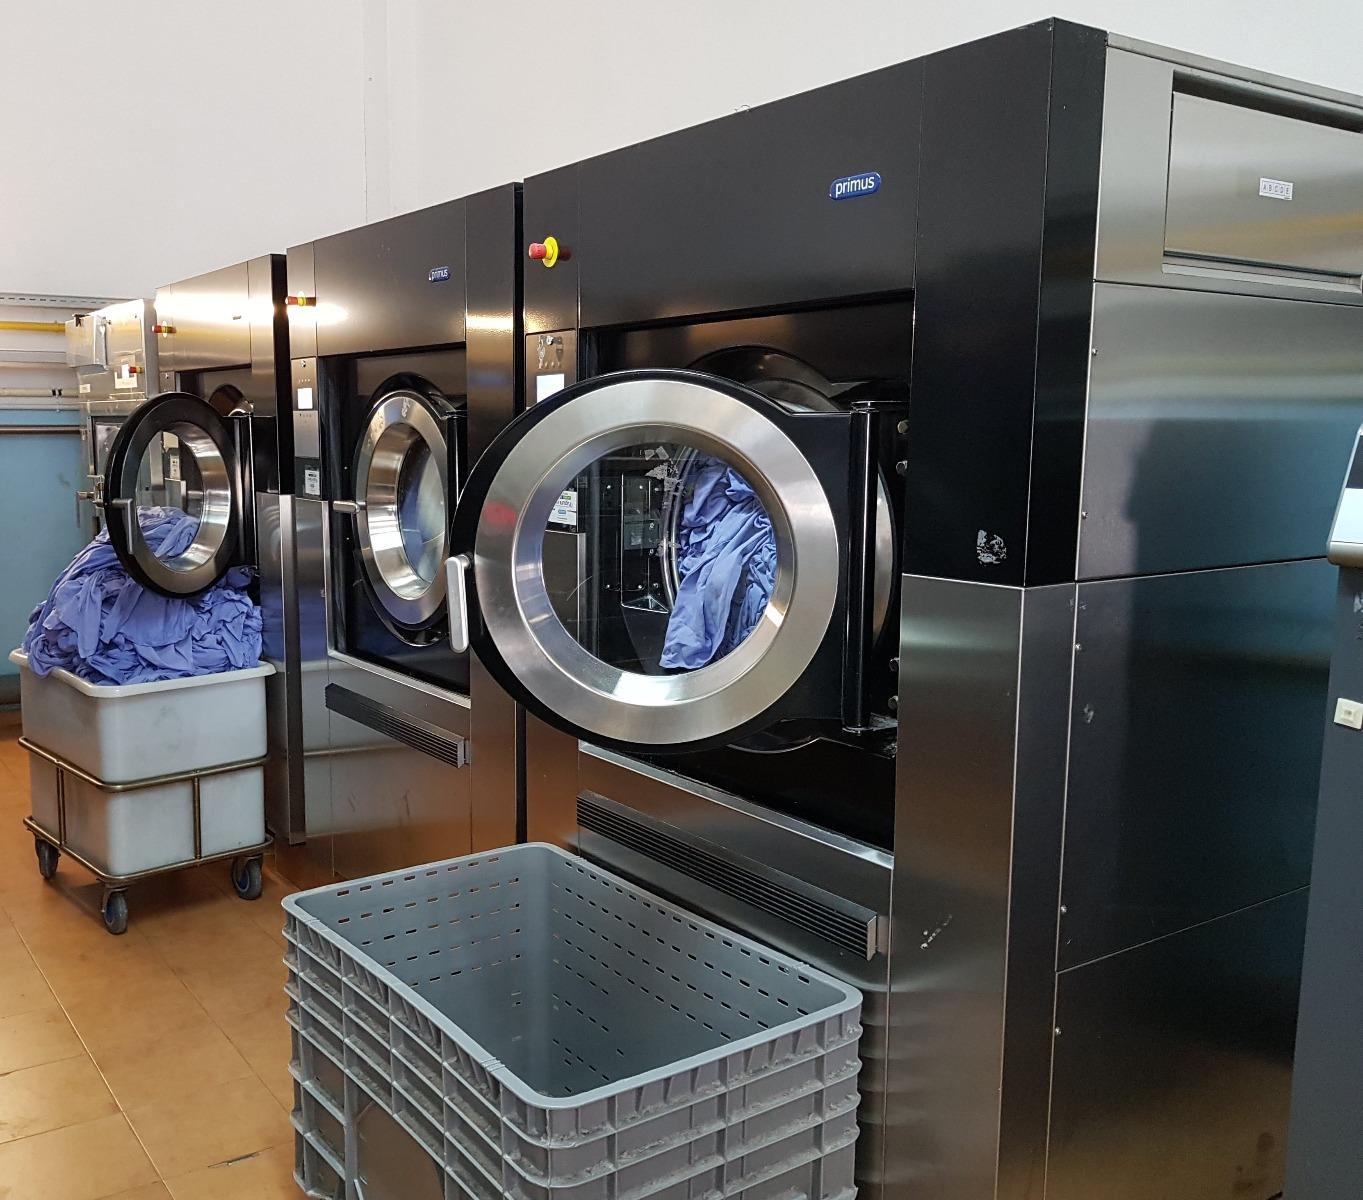 La importancia de la ergonomía en las lavadoras